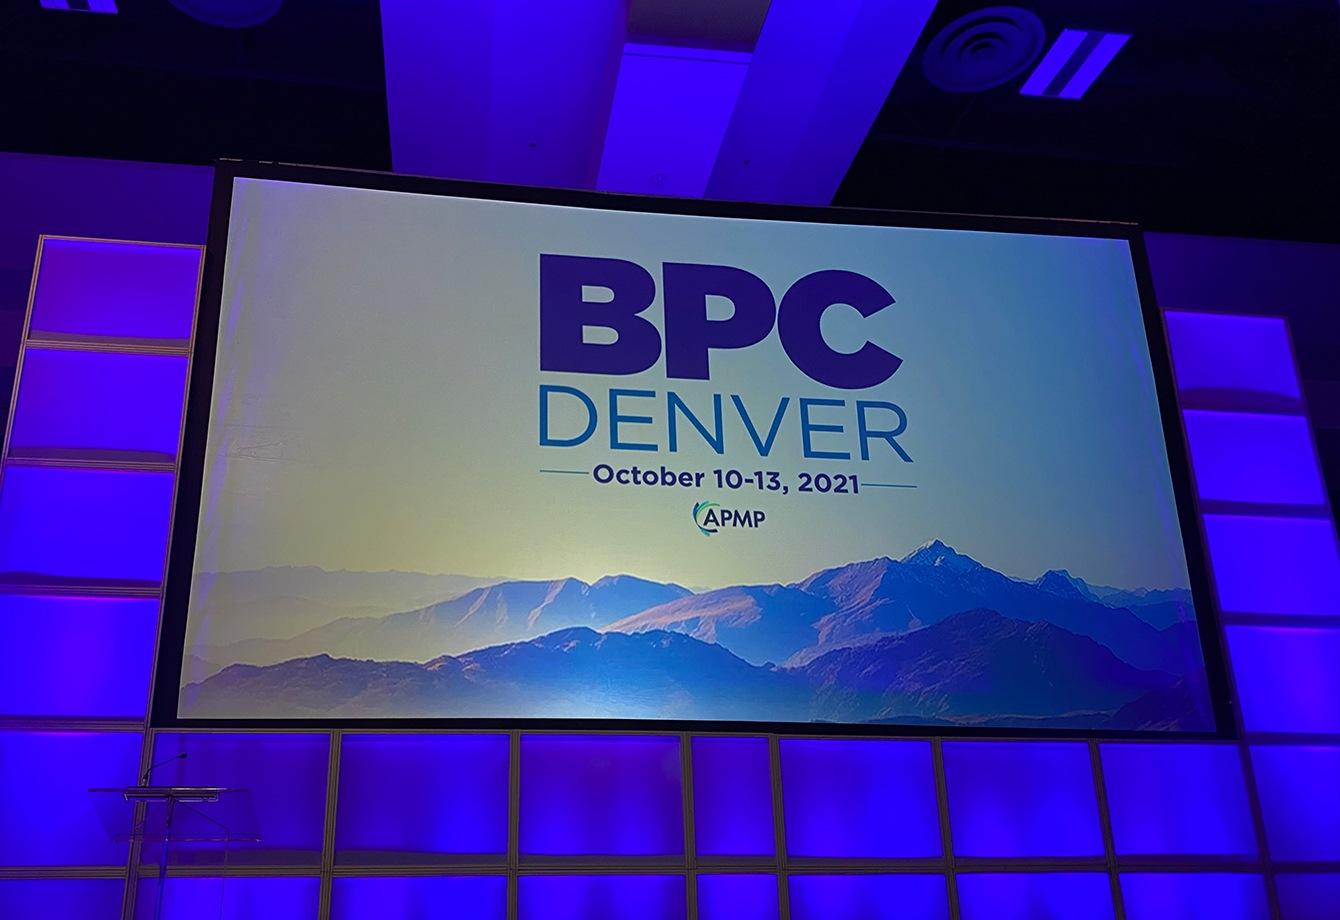 Bid & Proposal Conference Denver: Key Takeaways